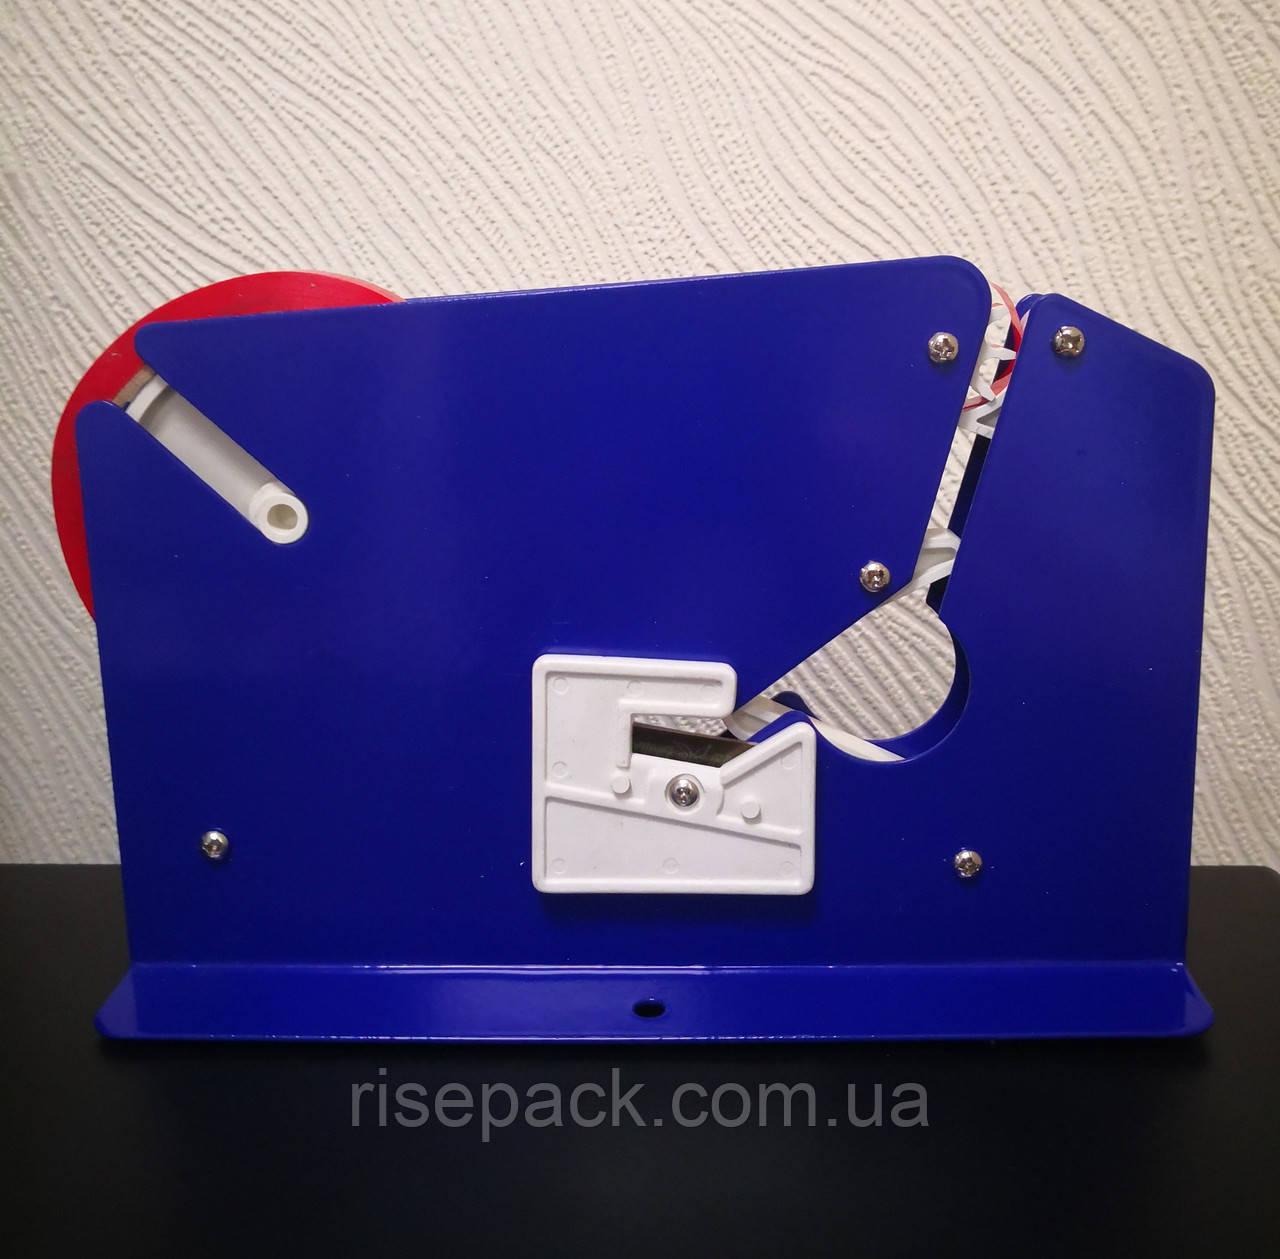 Клипсатор  FT-A (диспенсер) для скотч-ленты шириной 9 мм